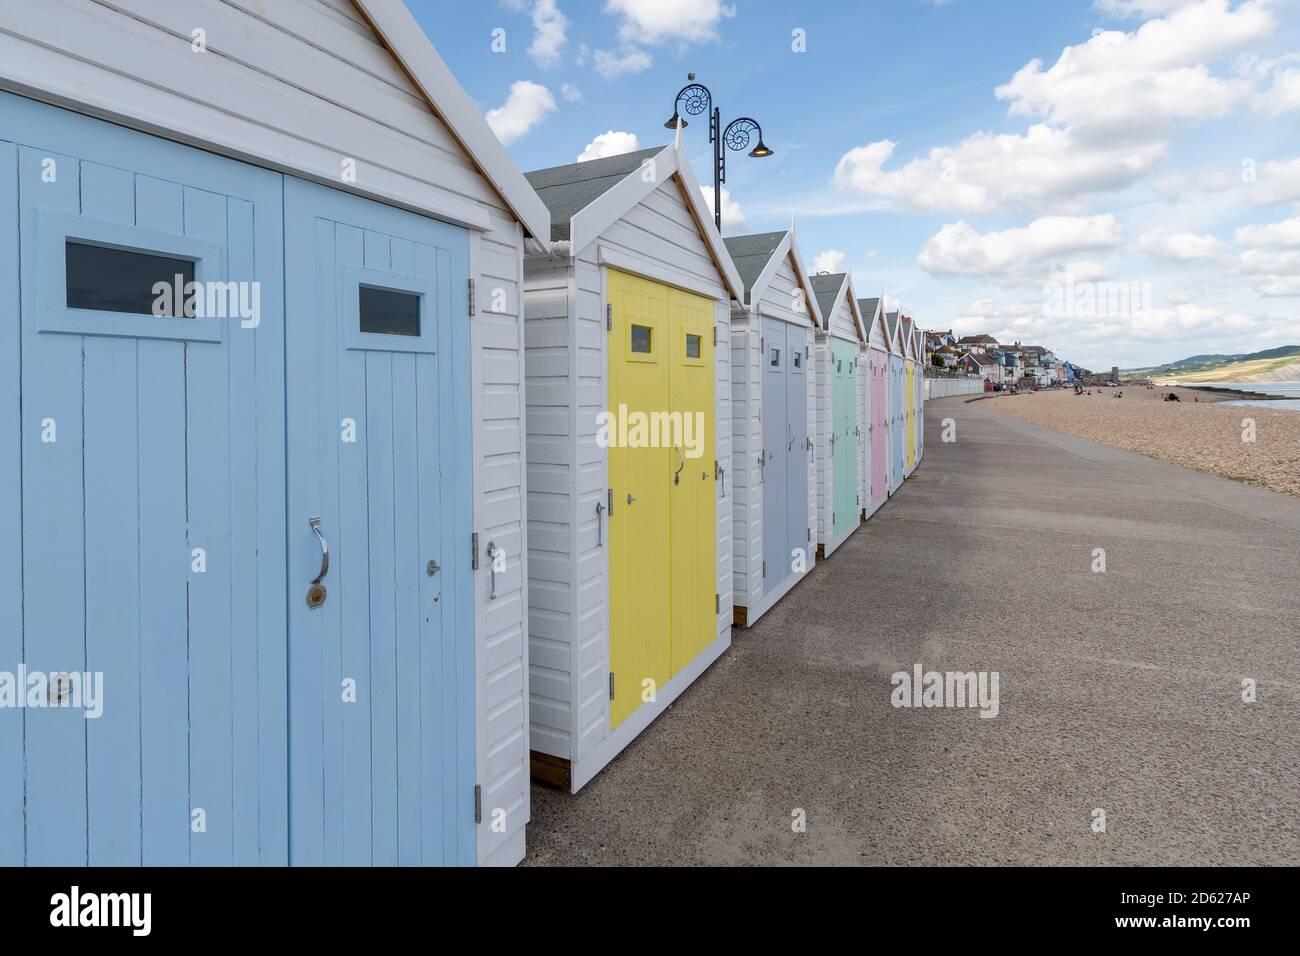 Cabañas de playa en una fila en la playa con multi puertas de colores Foto de stock